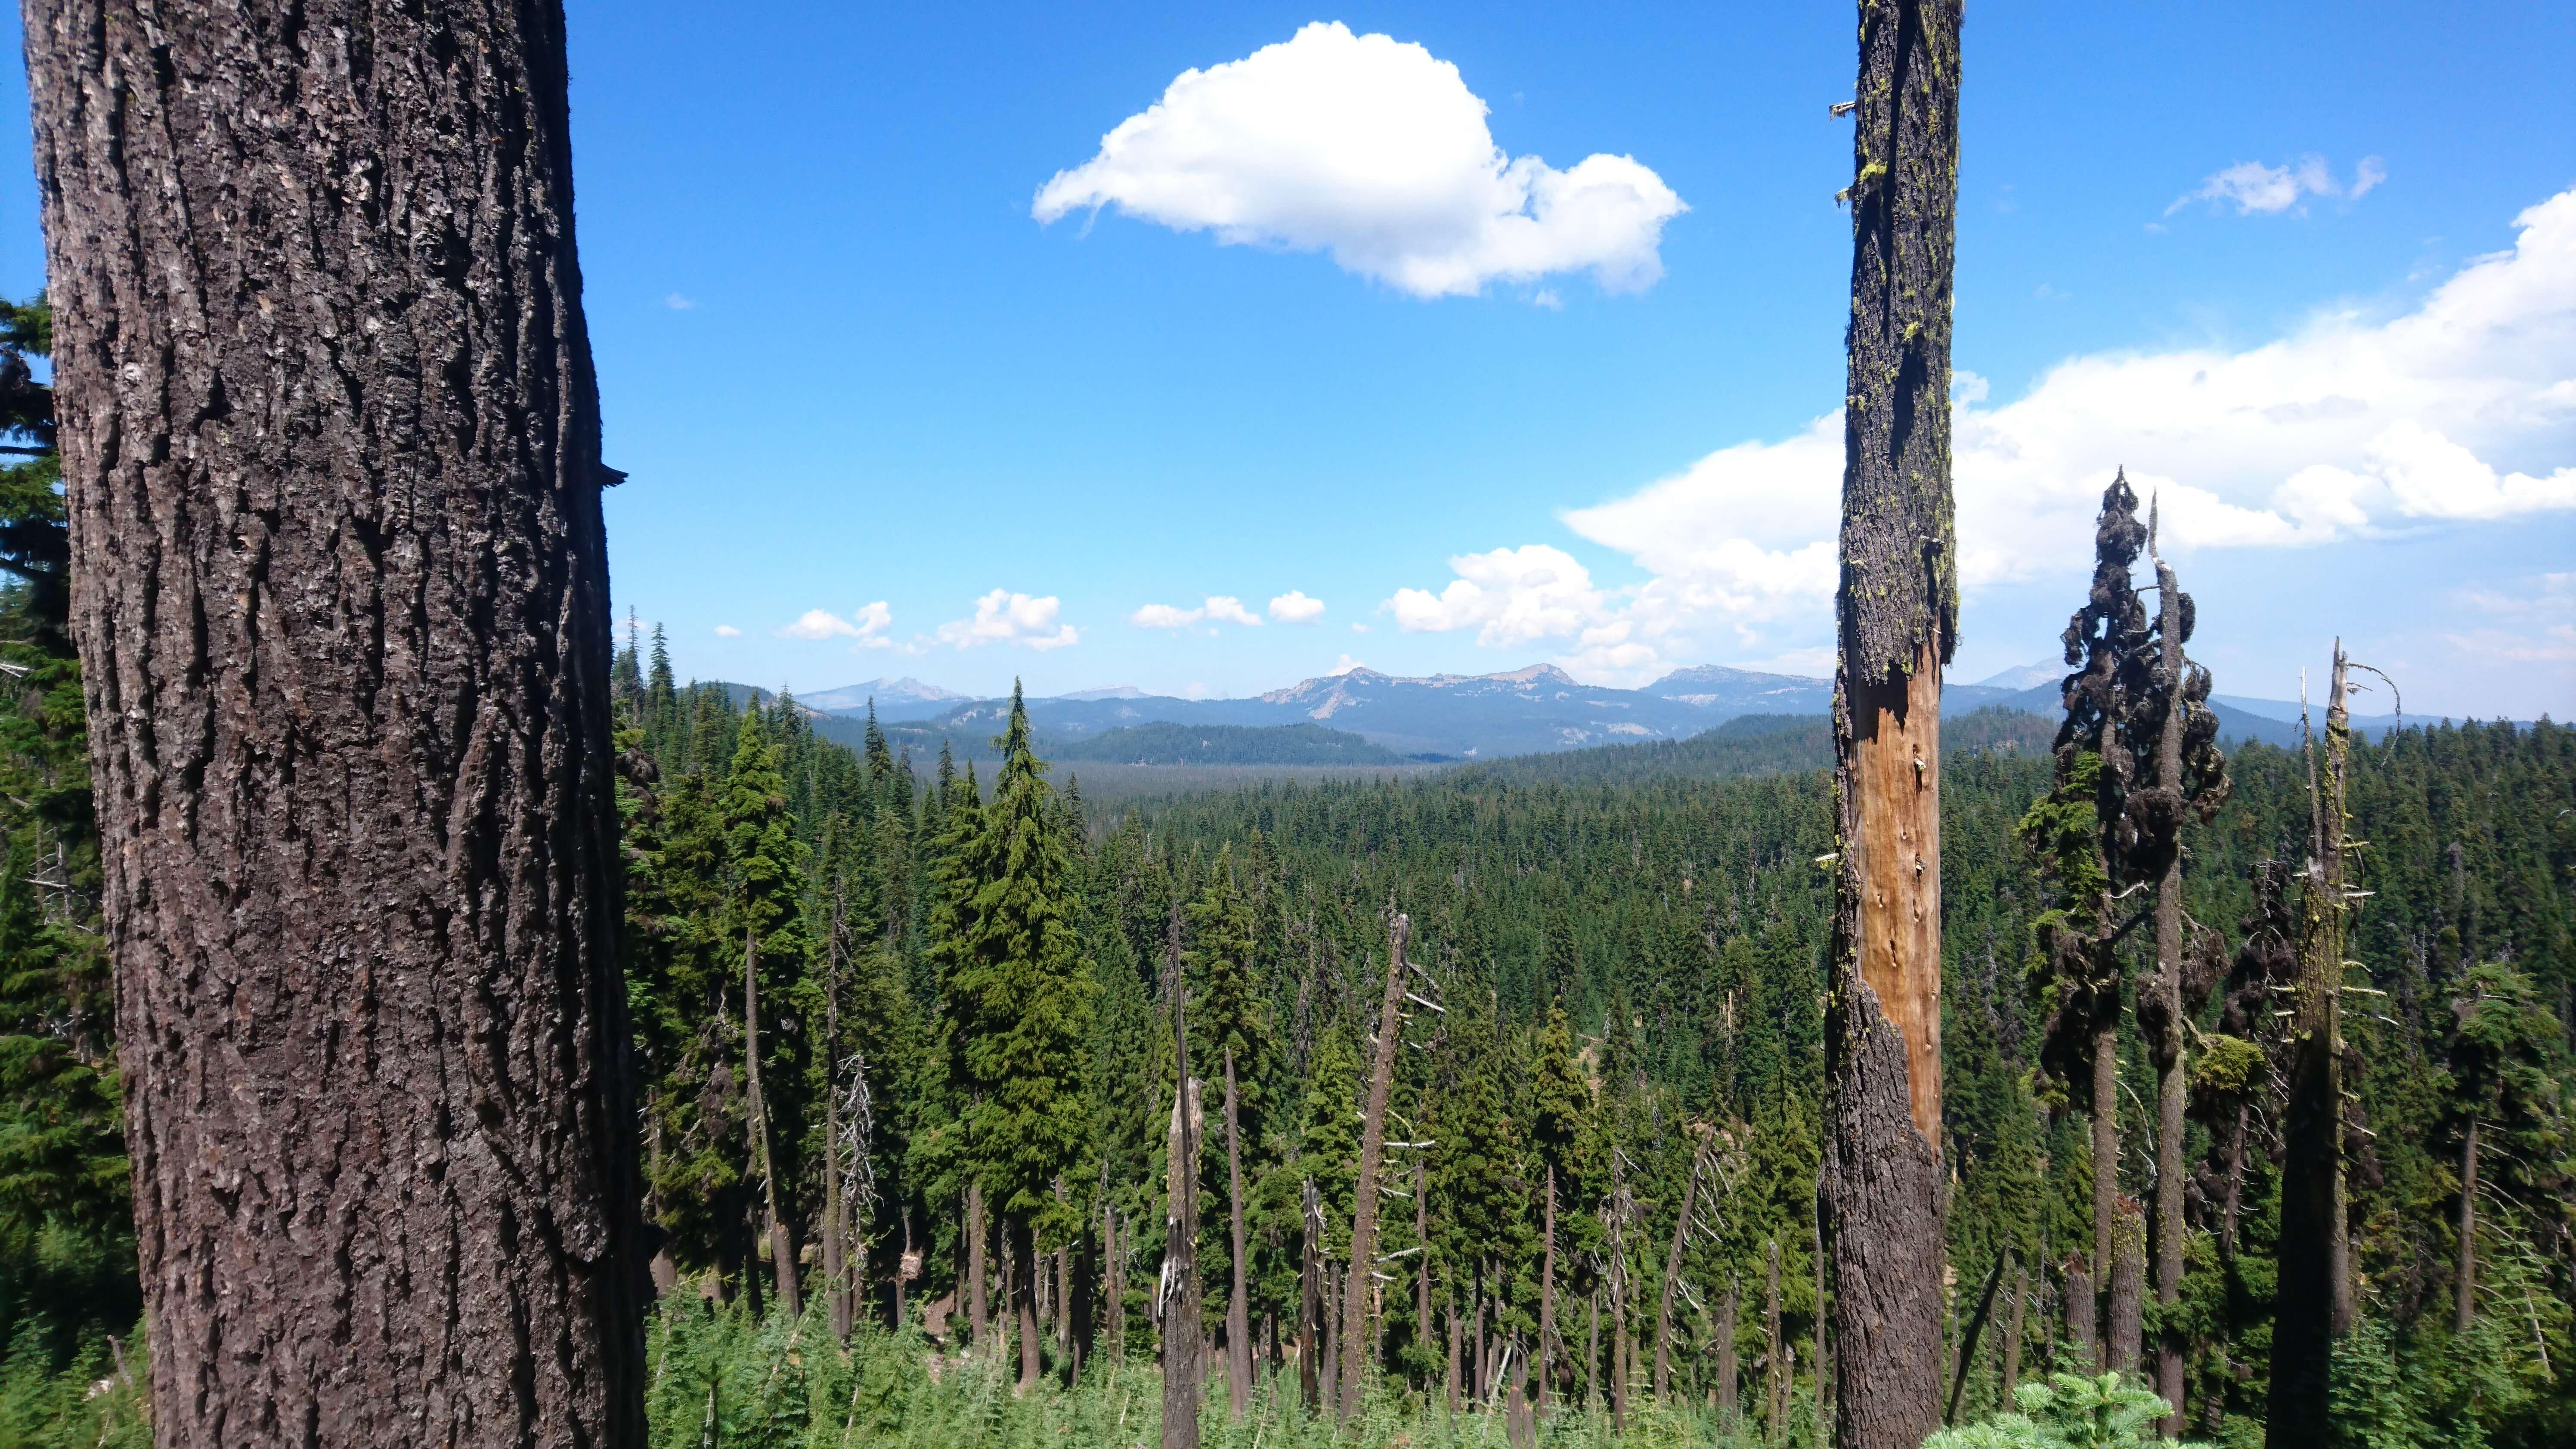 Je me rapproche de Crater Lake à travers les forêts